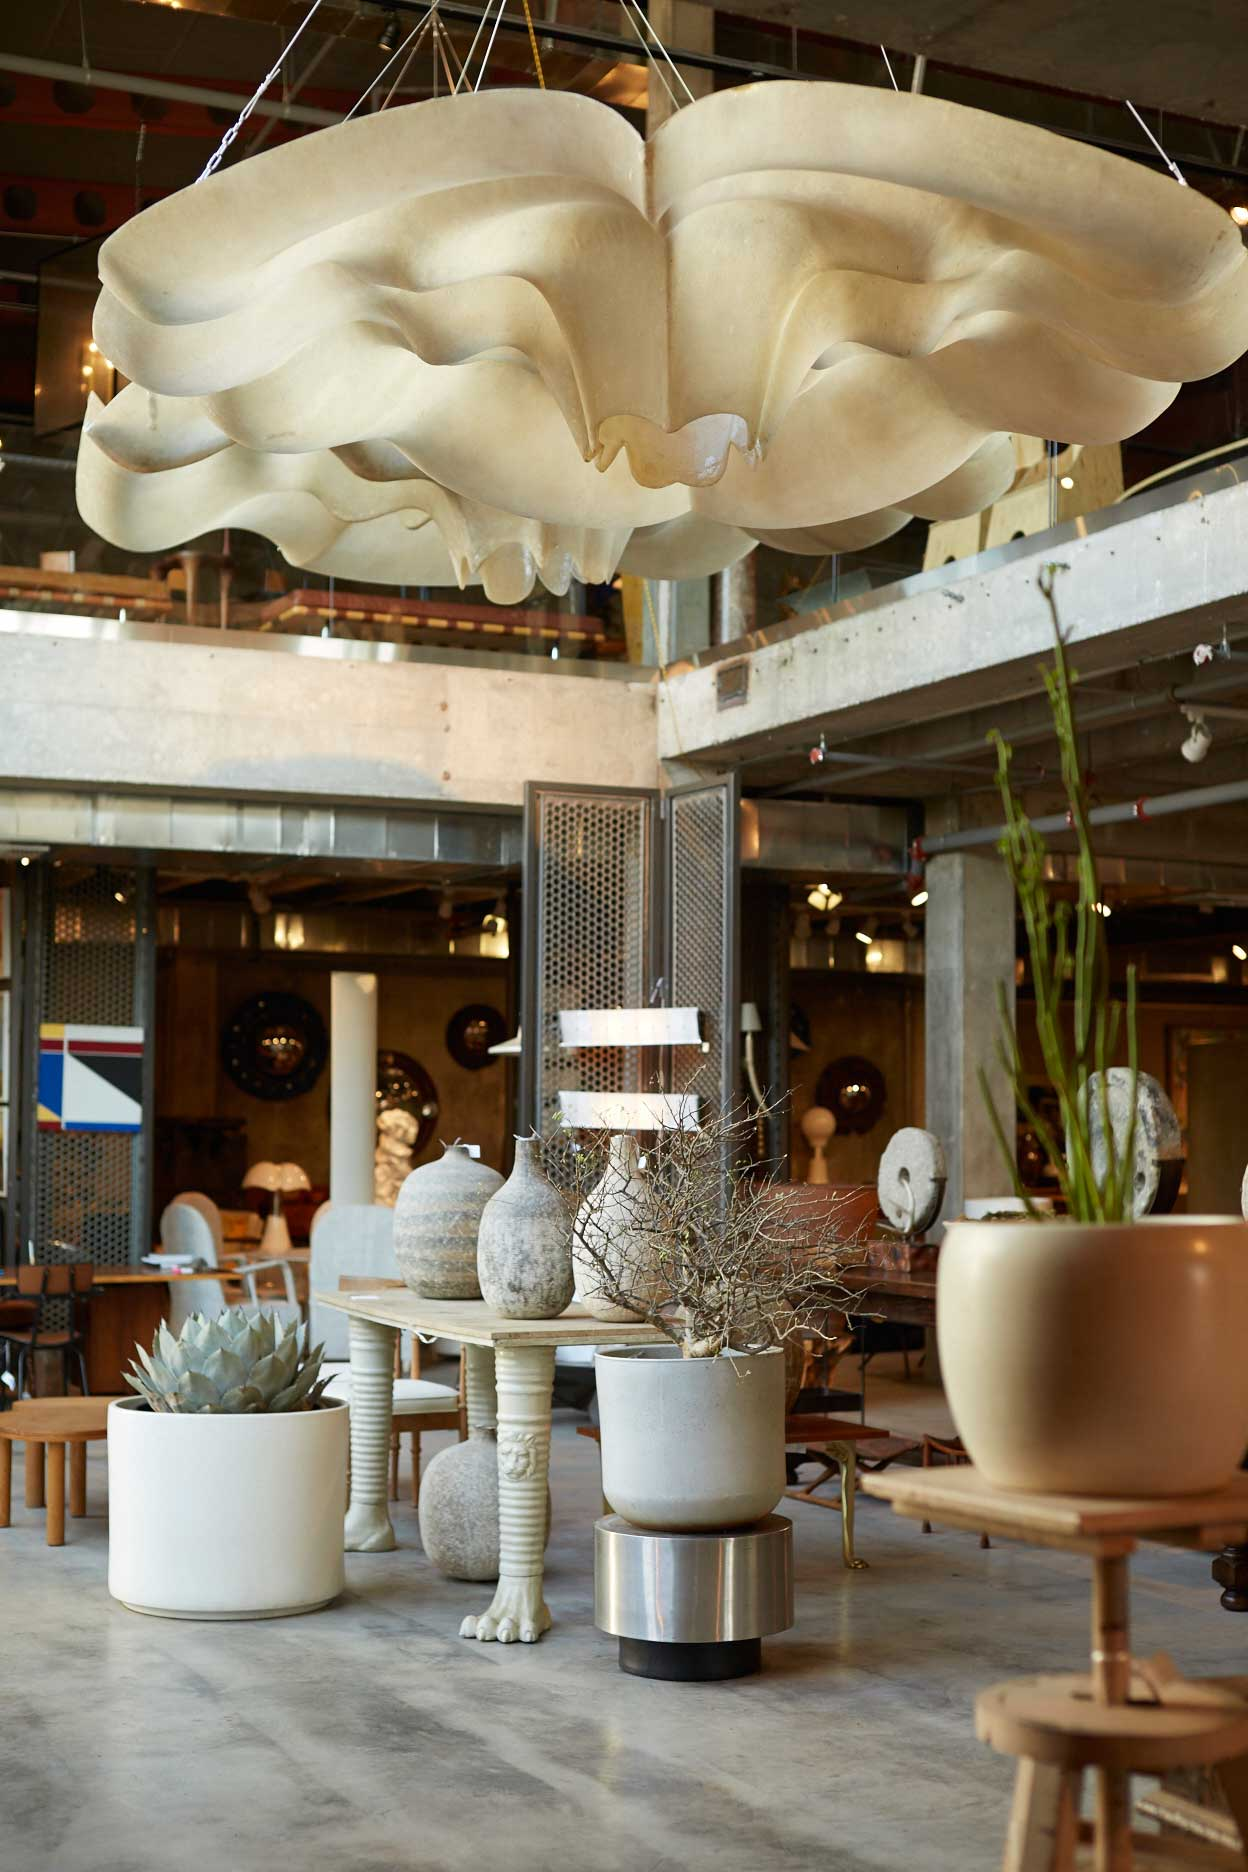 Schön Küchengeräte Auktion New York Fotos - Küche Set Ideen ...